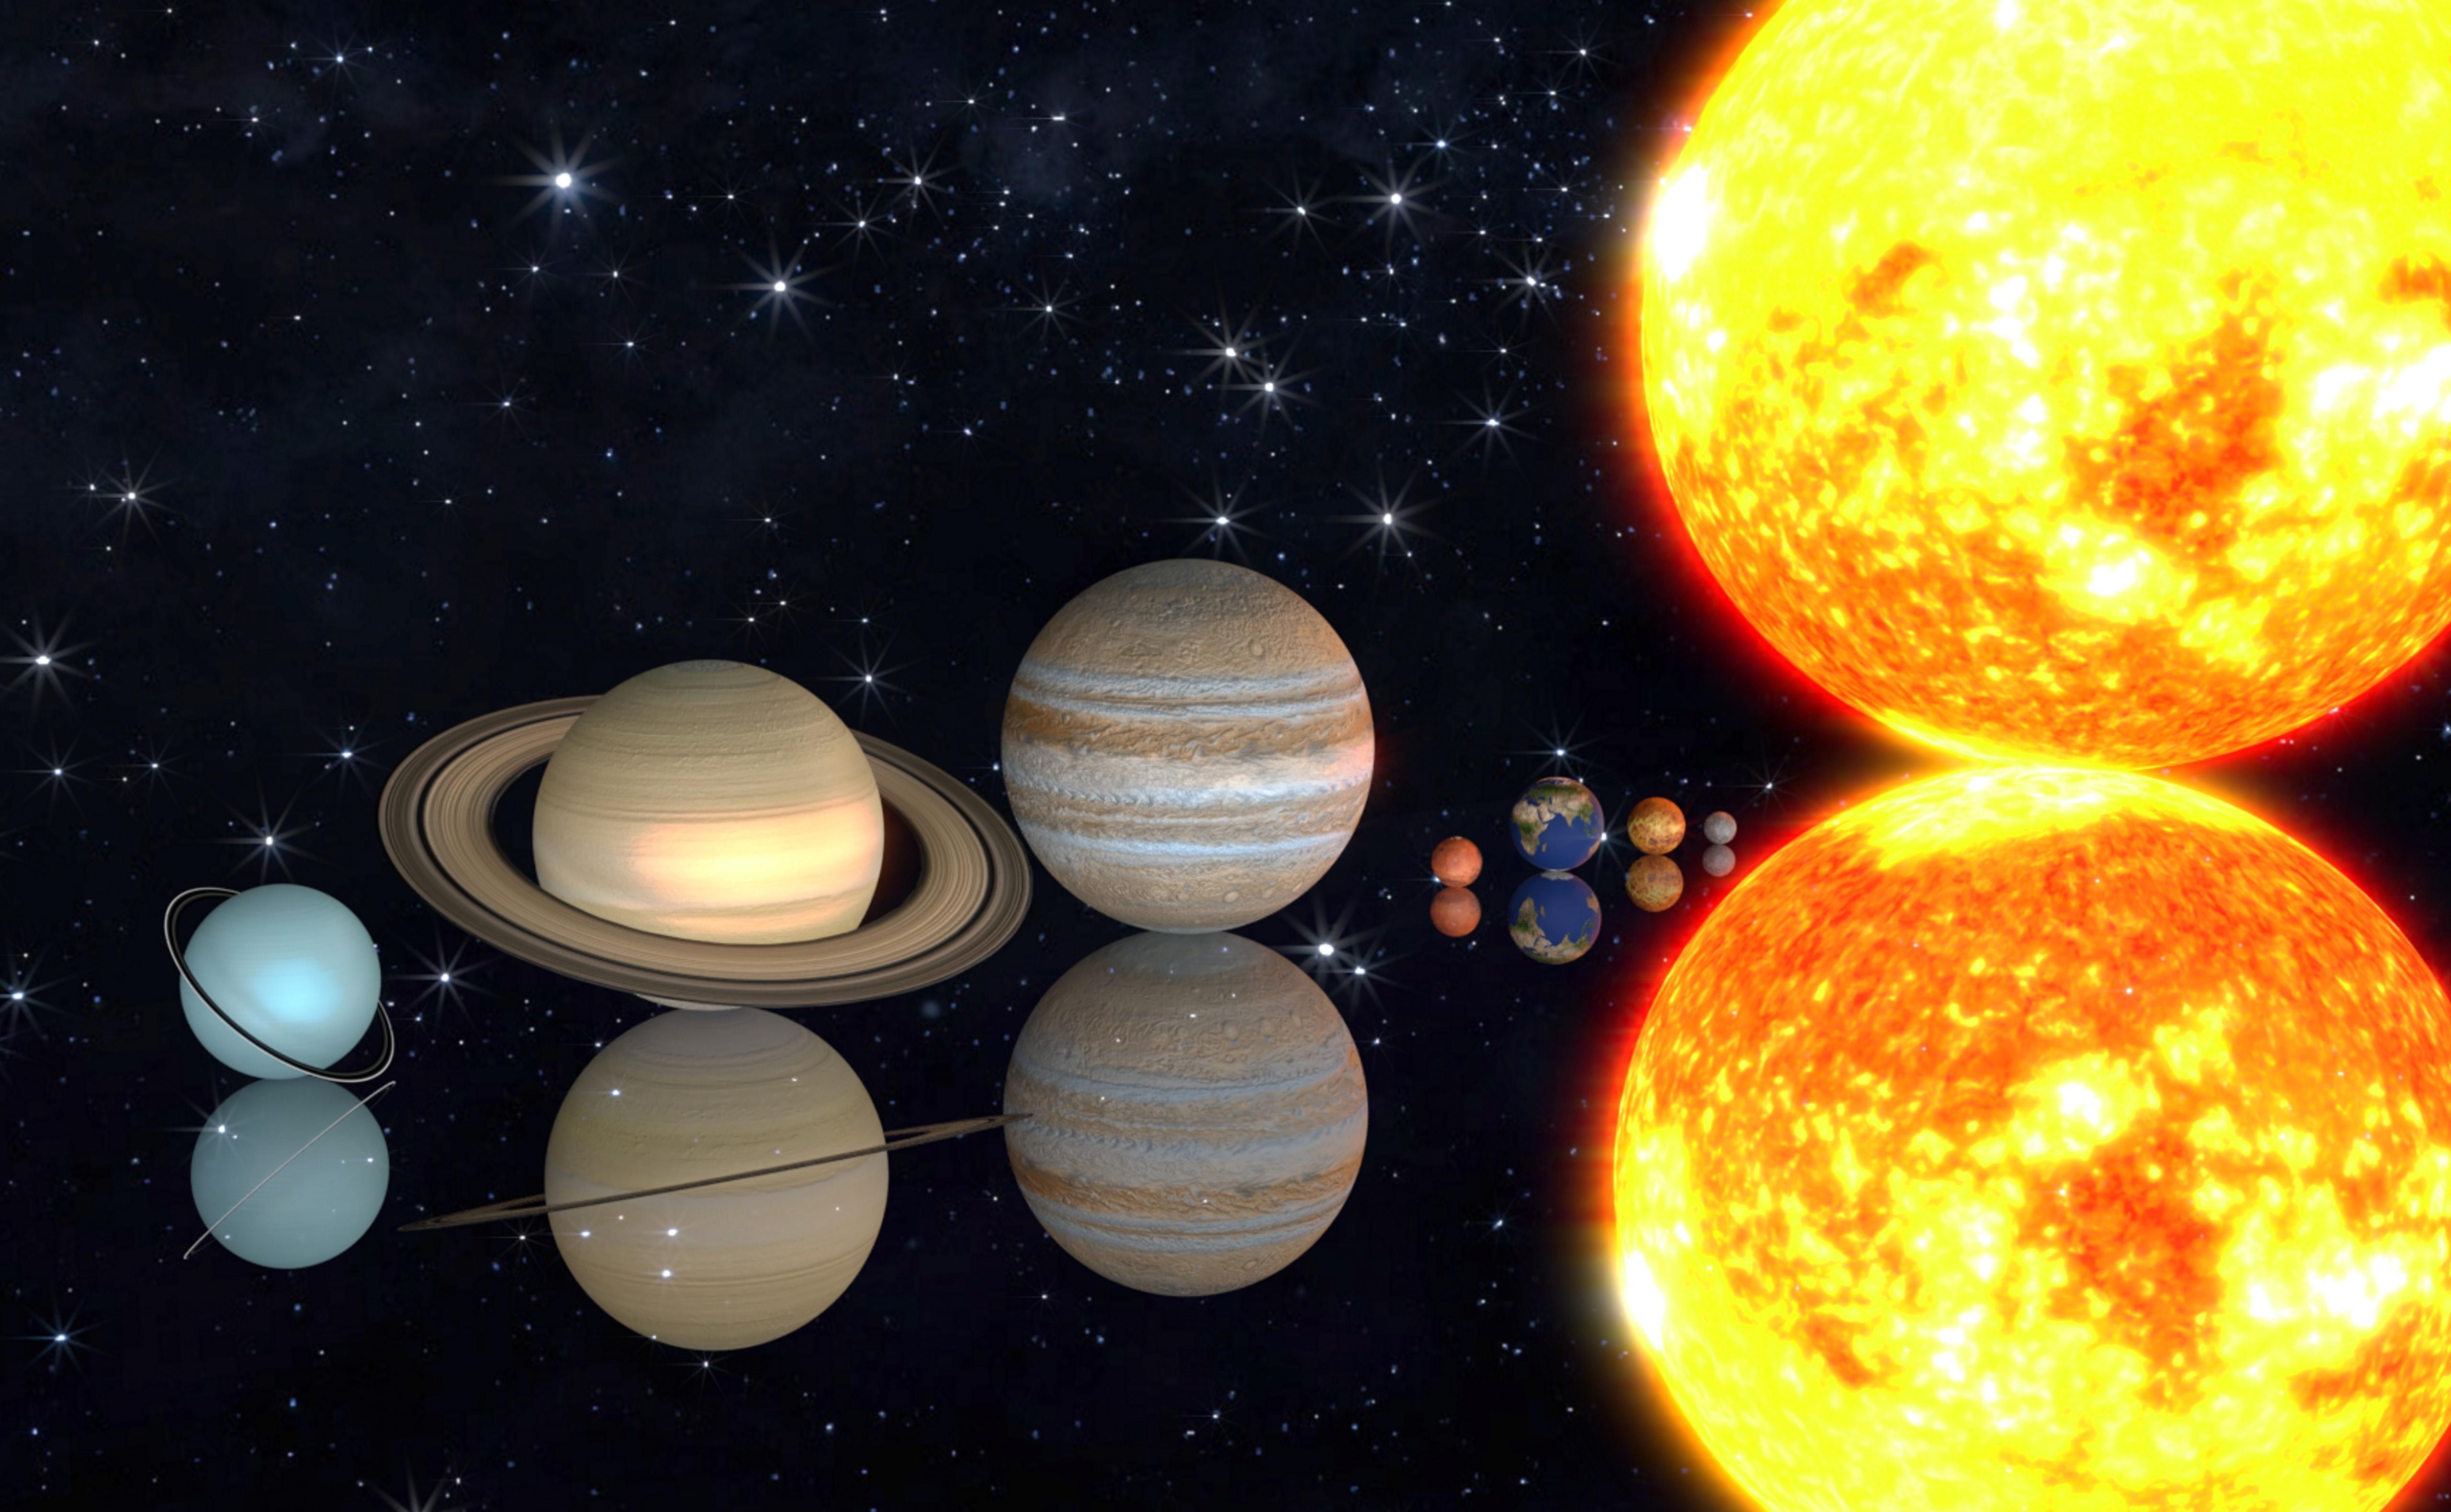 planets galaxy solar system star size - HD1332×850